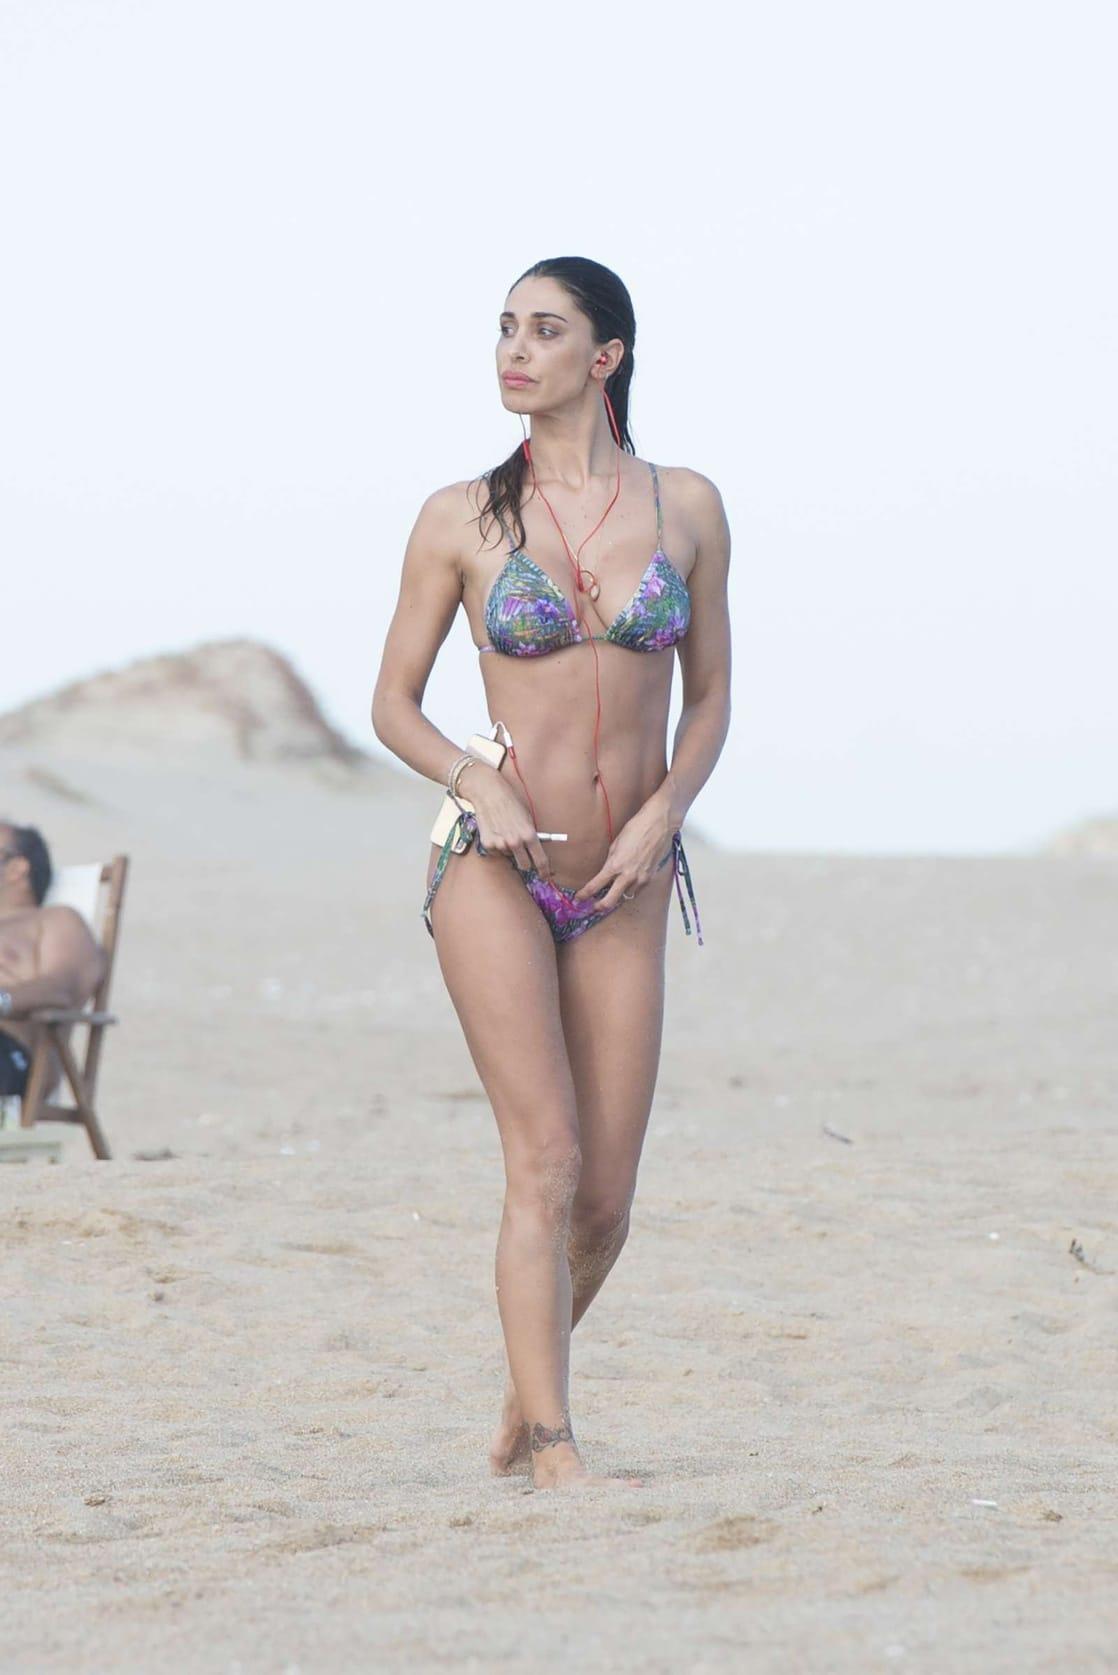 Belen Rodriguez Bikini Nude Photos